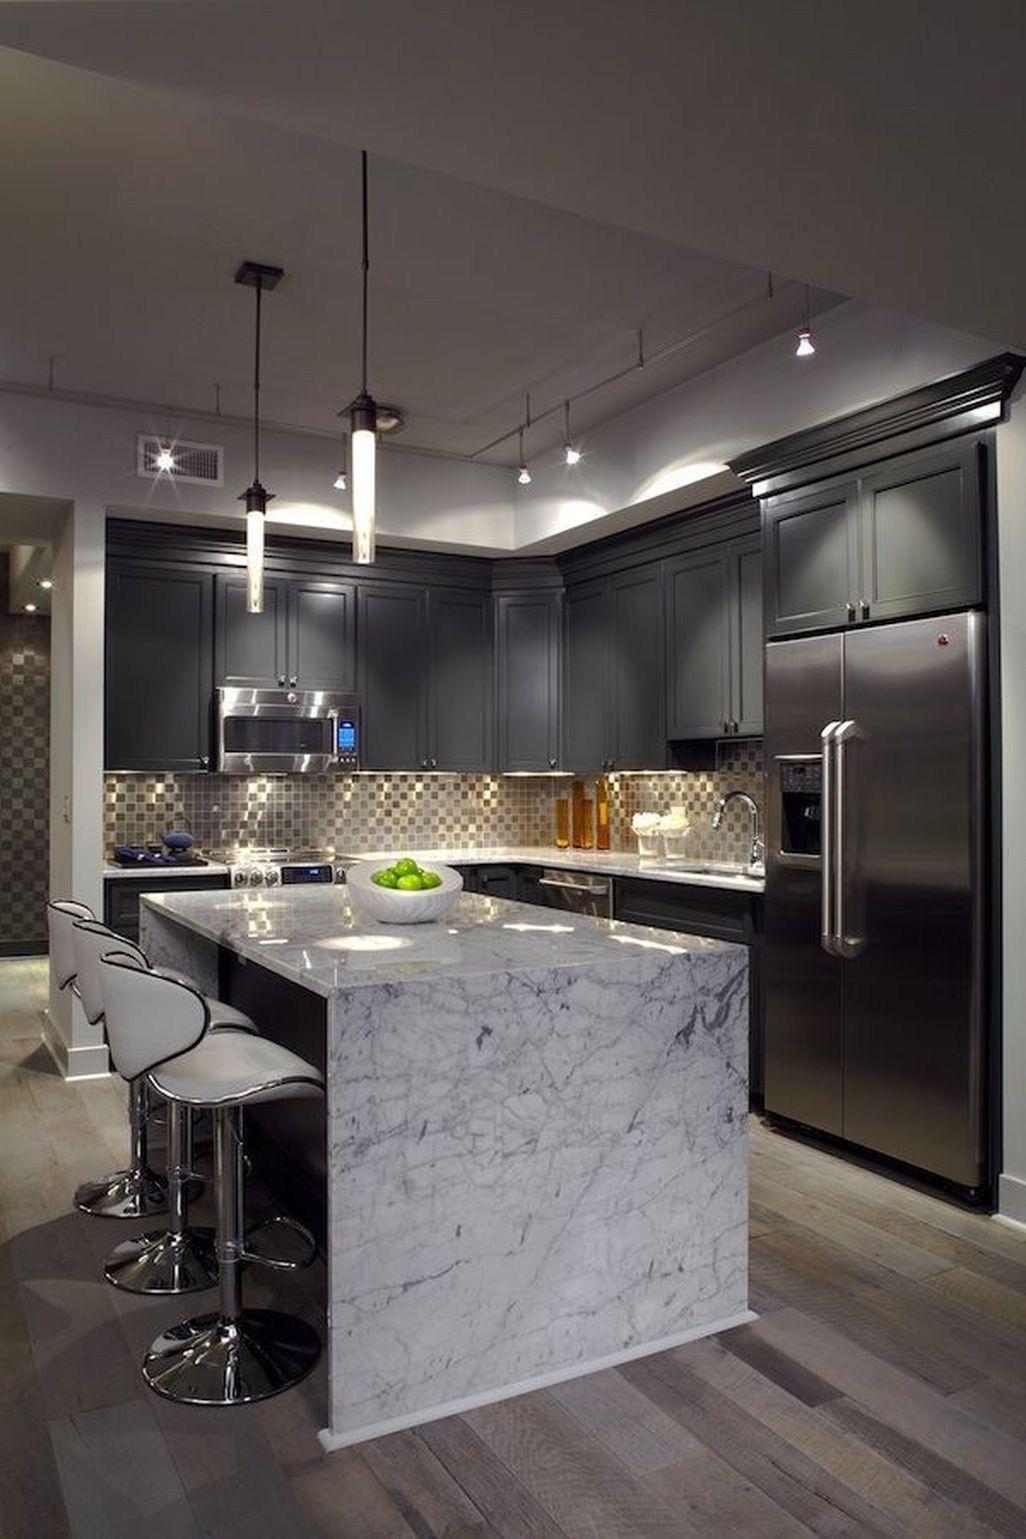 Elegant Contemporary Kitchen Design Ideas 29 Elegant